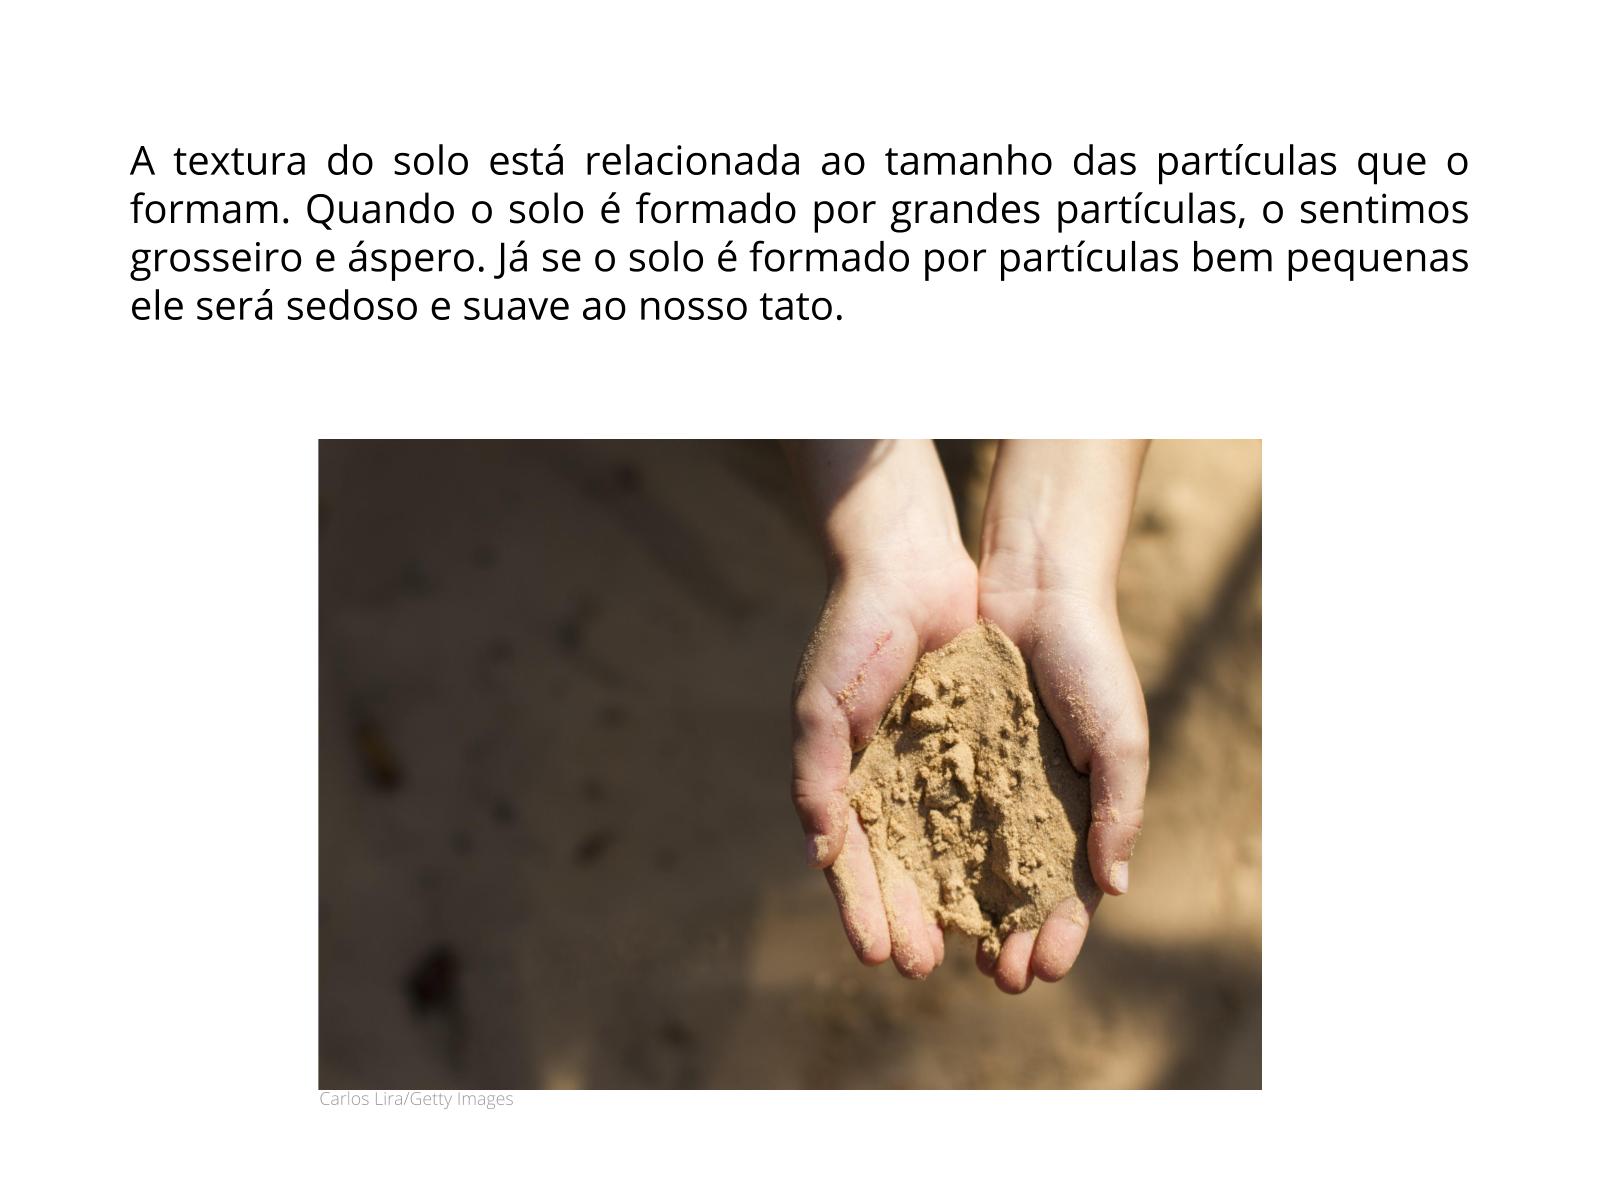 A textura do solo